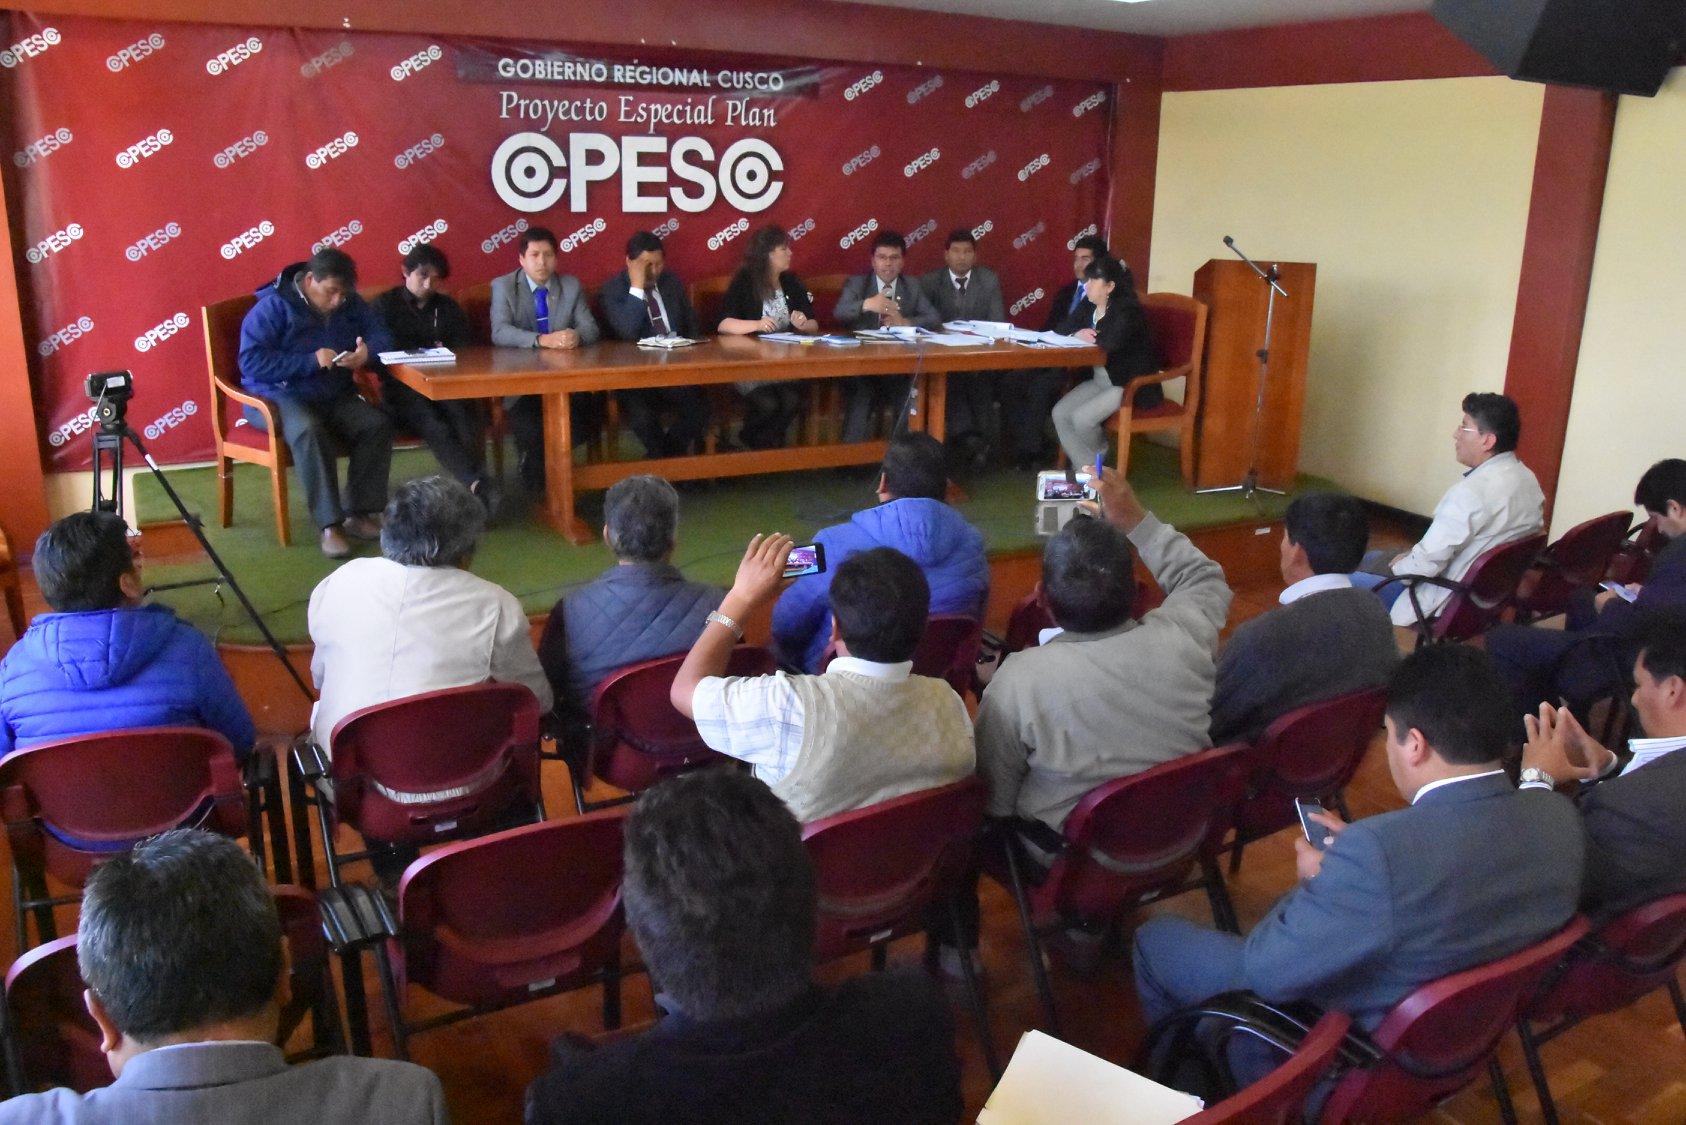 En cumplimiento a los acuerdos asumidos con las principales autoridades de la región Cusco, hoy en horas de la mañana se reunieron las diferentes autoridades, funcionarios y dirigentes de la Avenida Evitamiento, en las instalaciones del Plan COPESCO, con la finalidad de tomar acciones para evitar accidentes de tránsito en la zona.